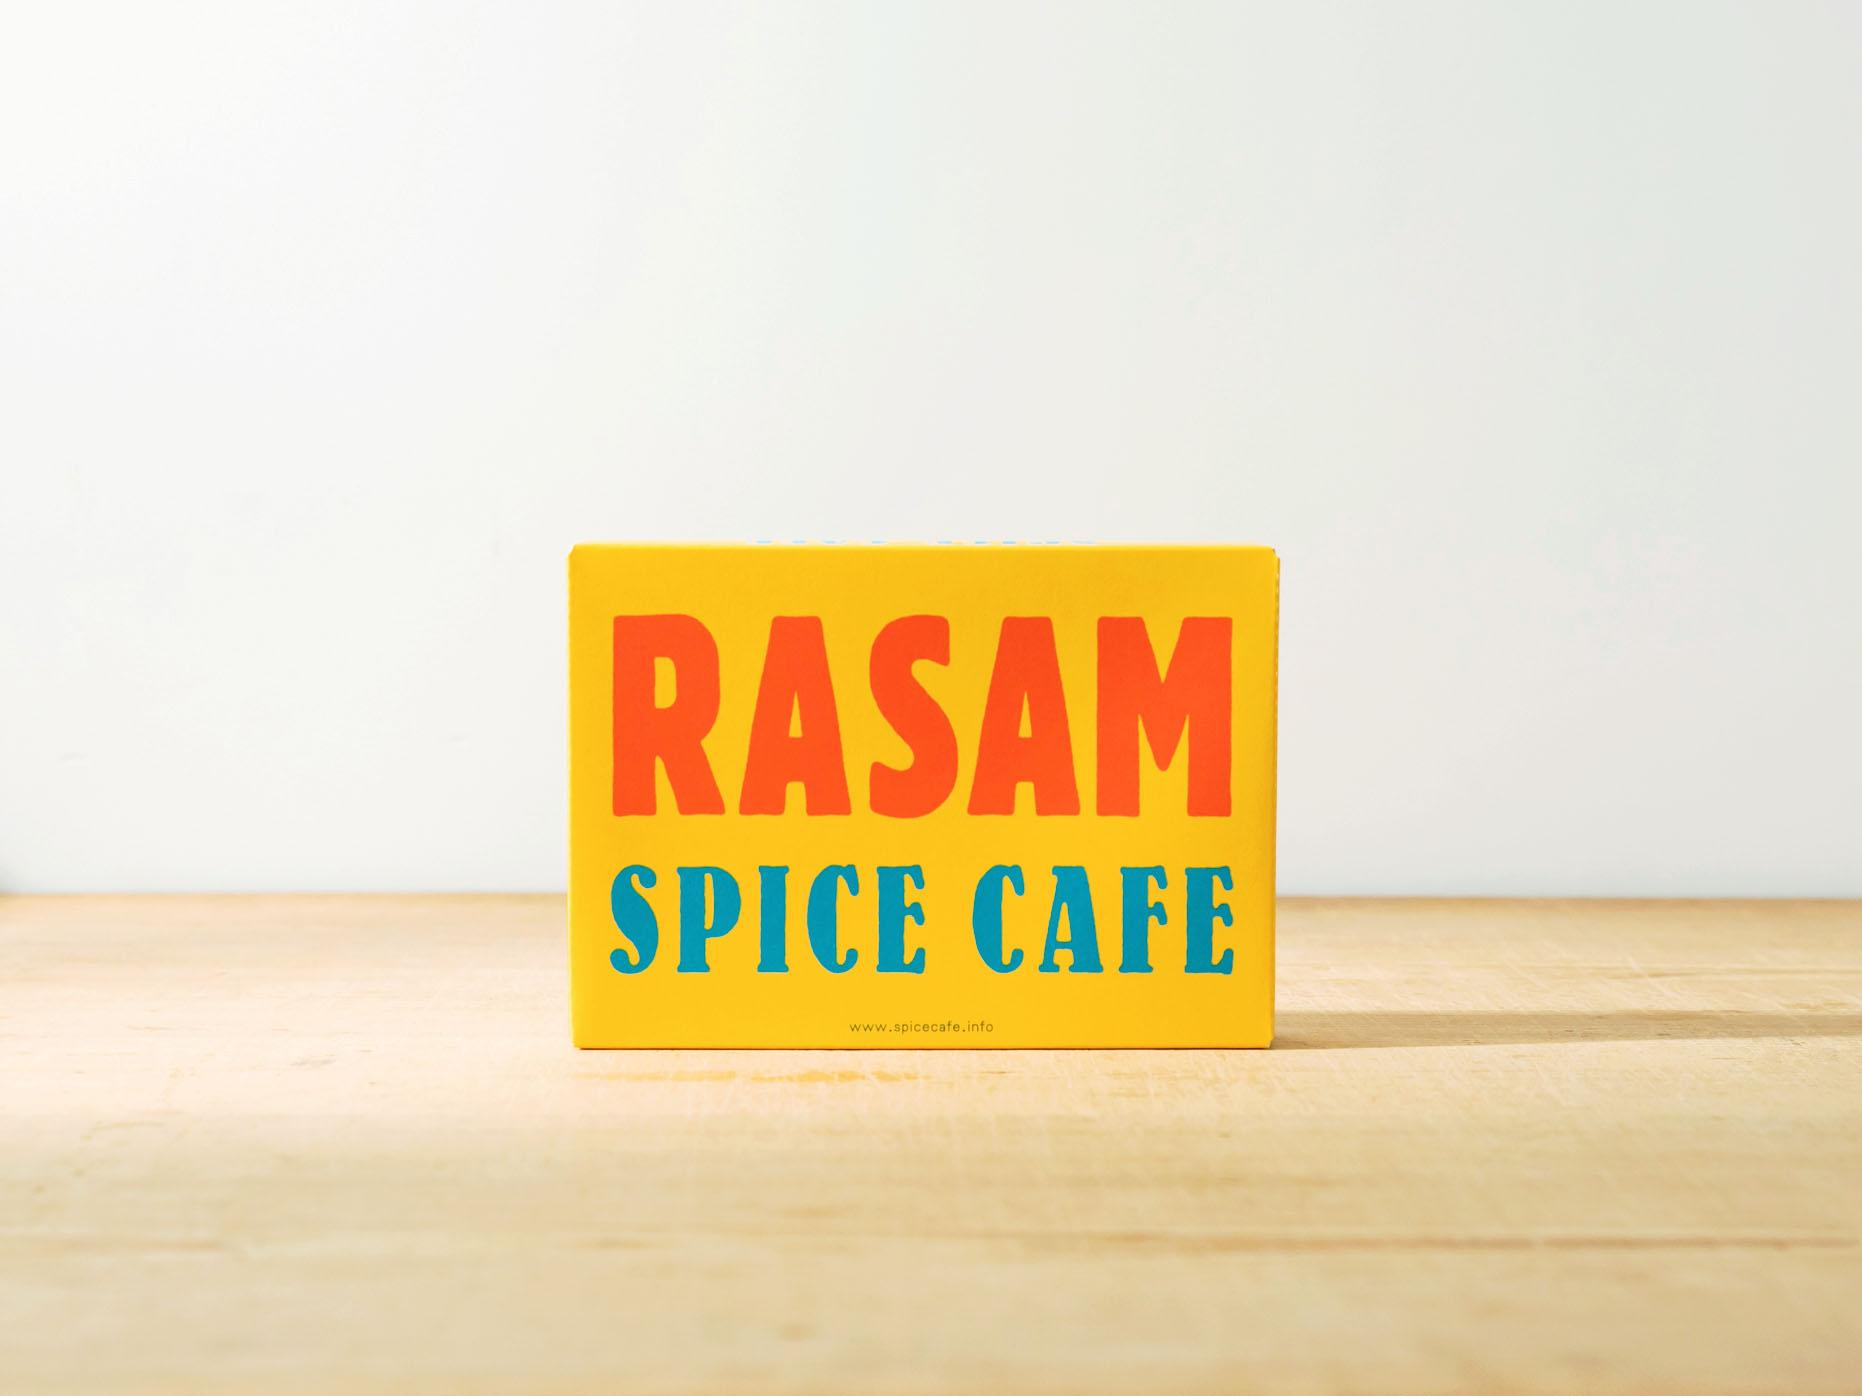 スパイスカフェ ラッサム